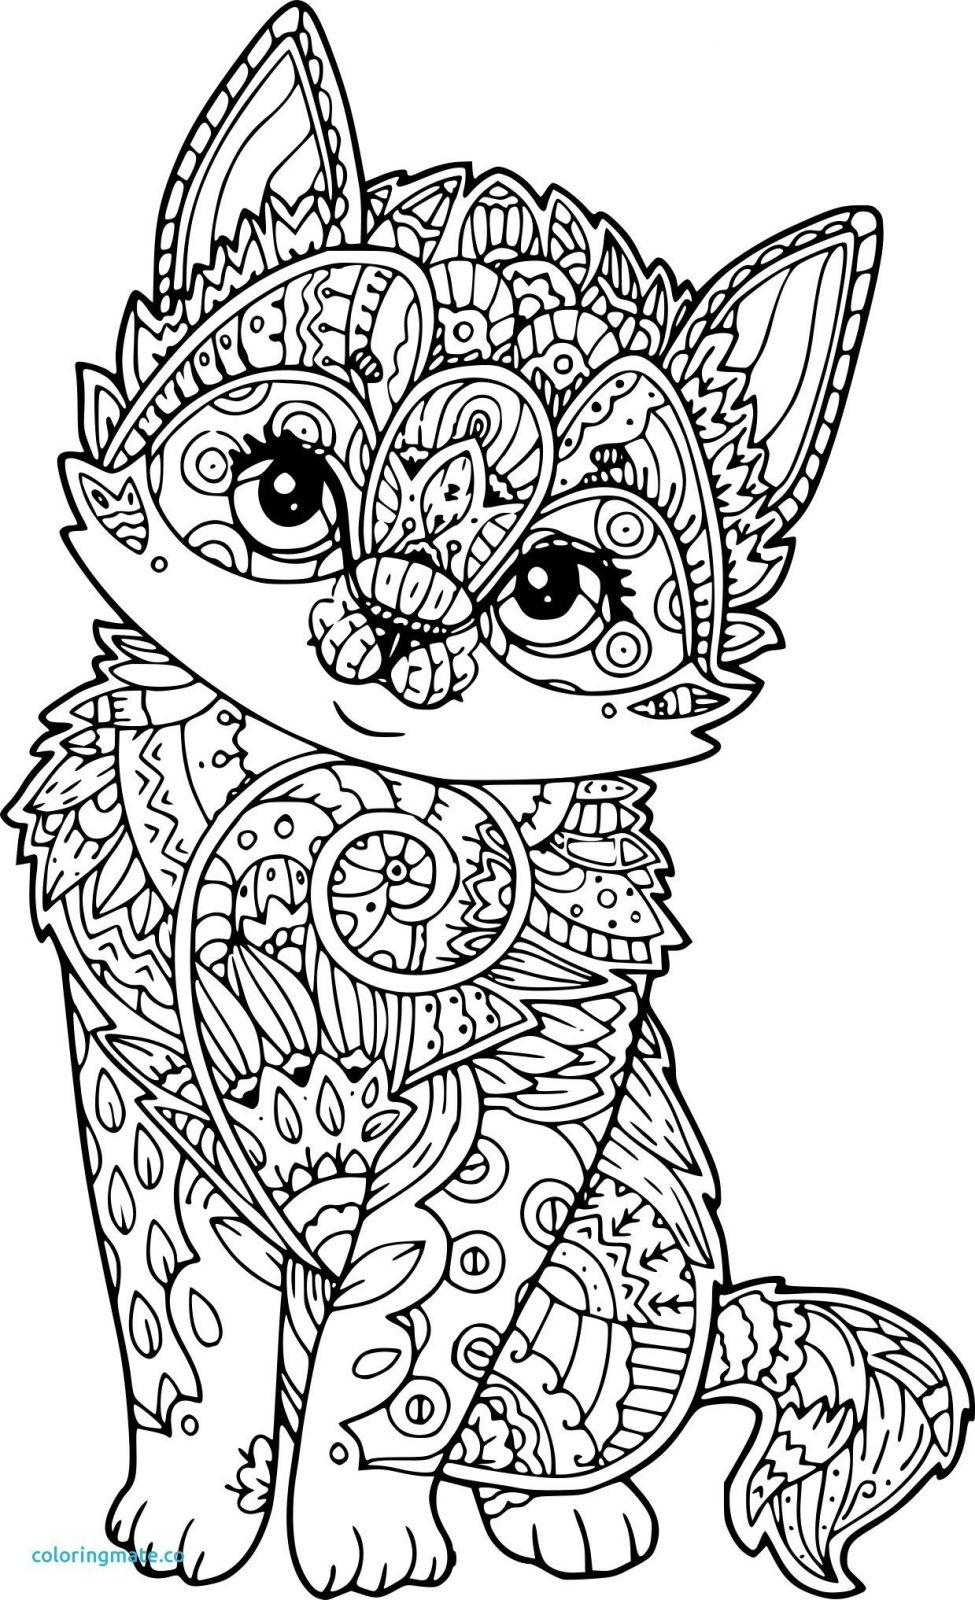 Coloriage Mandala Chat Bébé | Coloriages À Imprimer Gratuits destiné Mandala À Colorier Et À Imprimer Gratuit